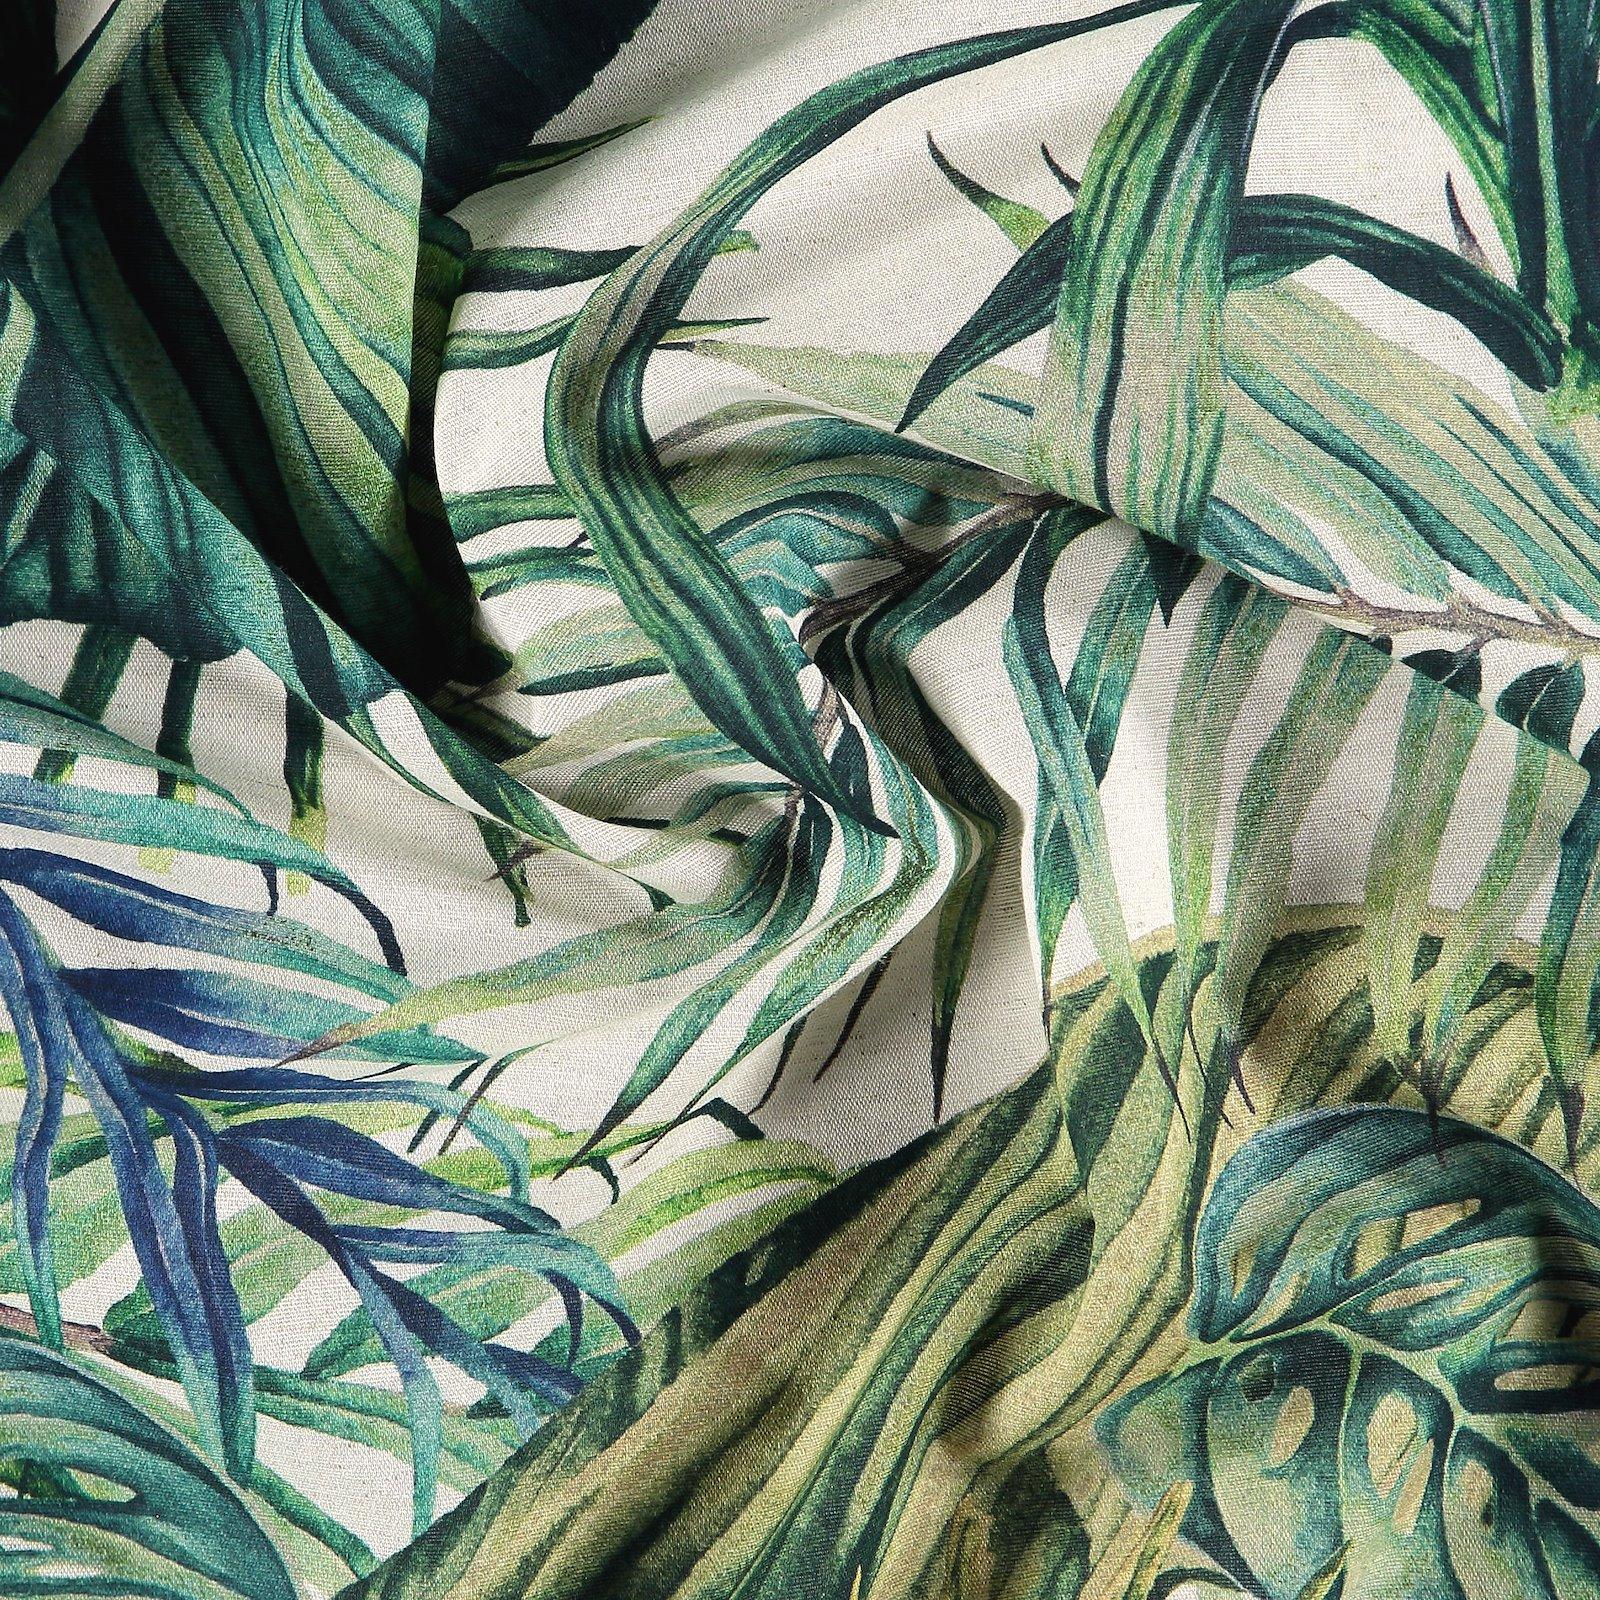 Baumwolle/Leinen gewebt, Natur/Blätter 780588_pack